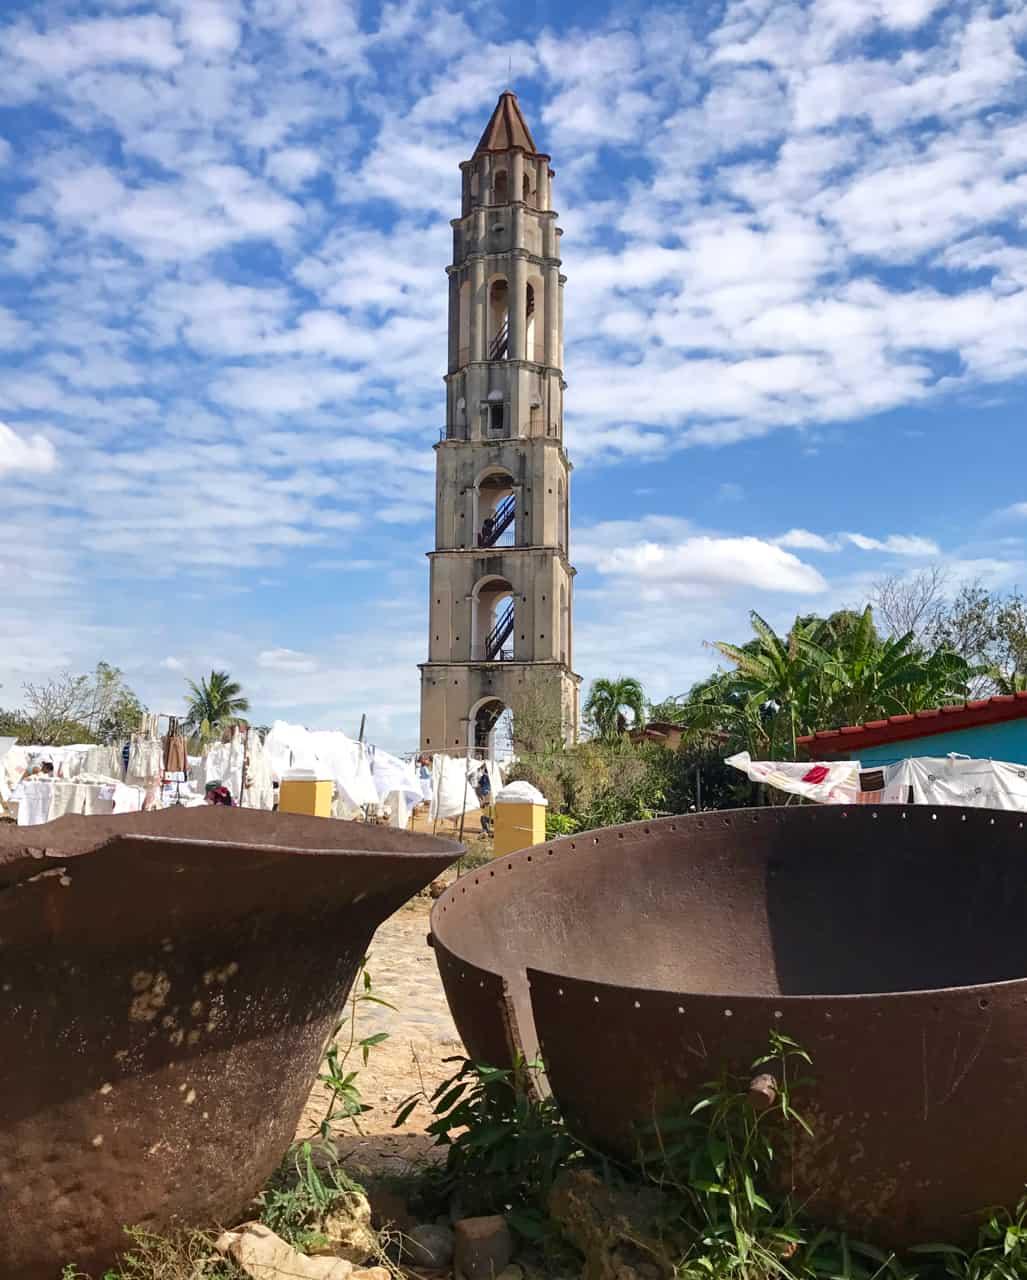 Two weeks in Cuba: Climb the tall tower at the historic sugar mill ruins of Manaca Iznaga near Trinidad.